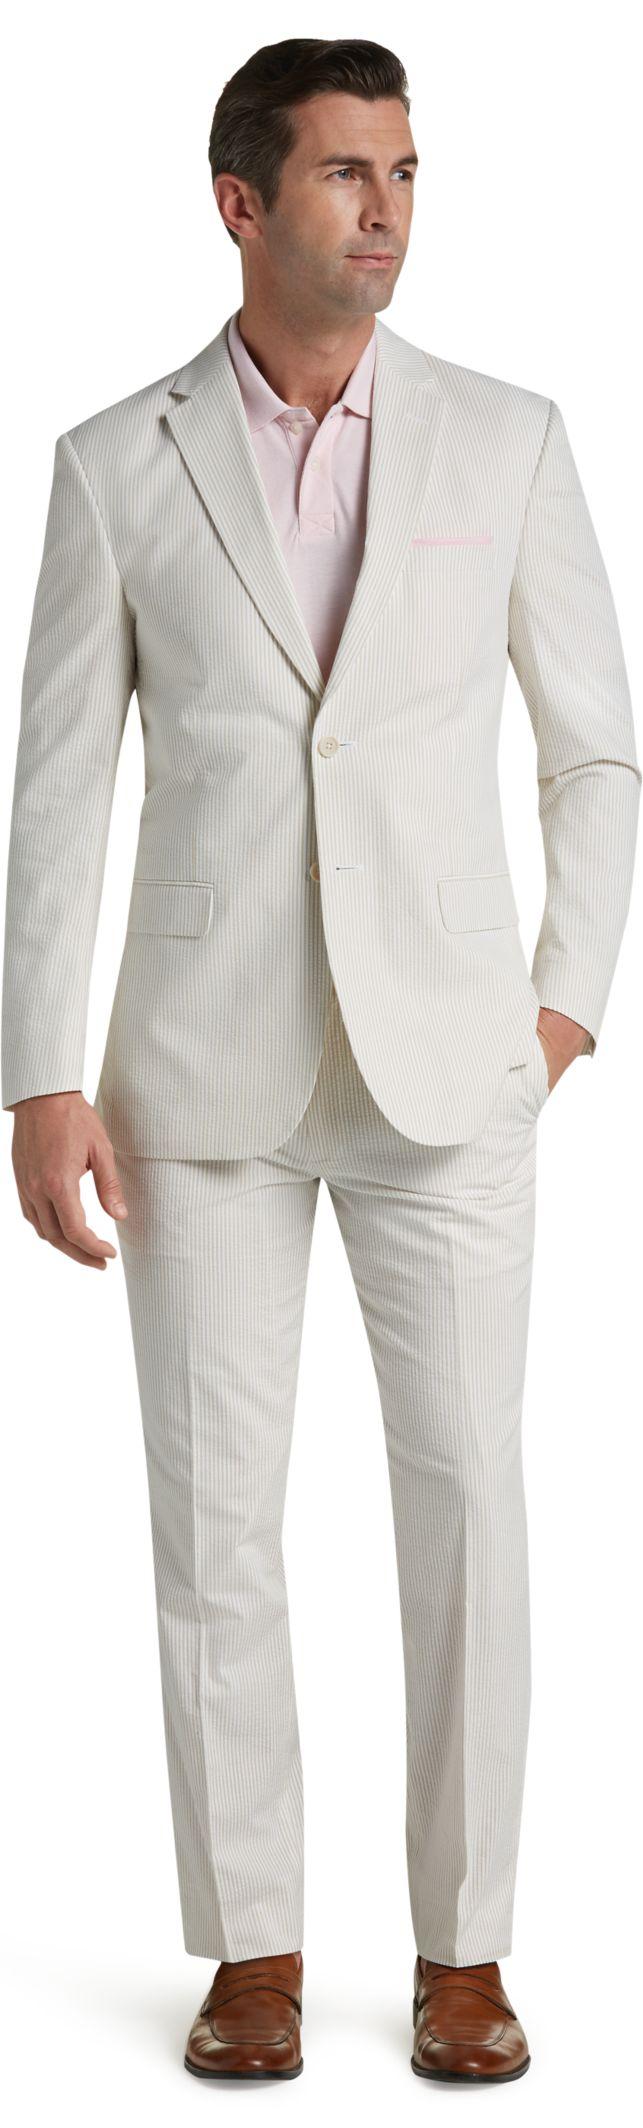 Summer Weight, Lightweight & Linen Suits | Men's | JoS. A. Bank ...